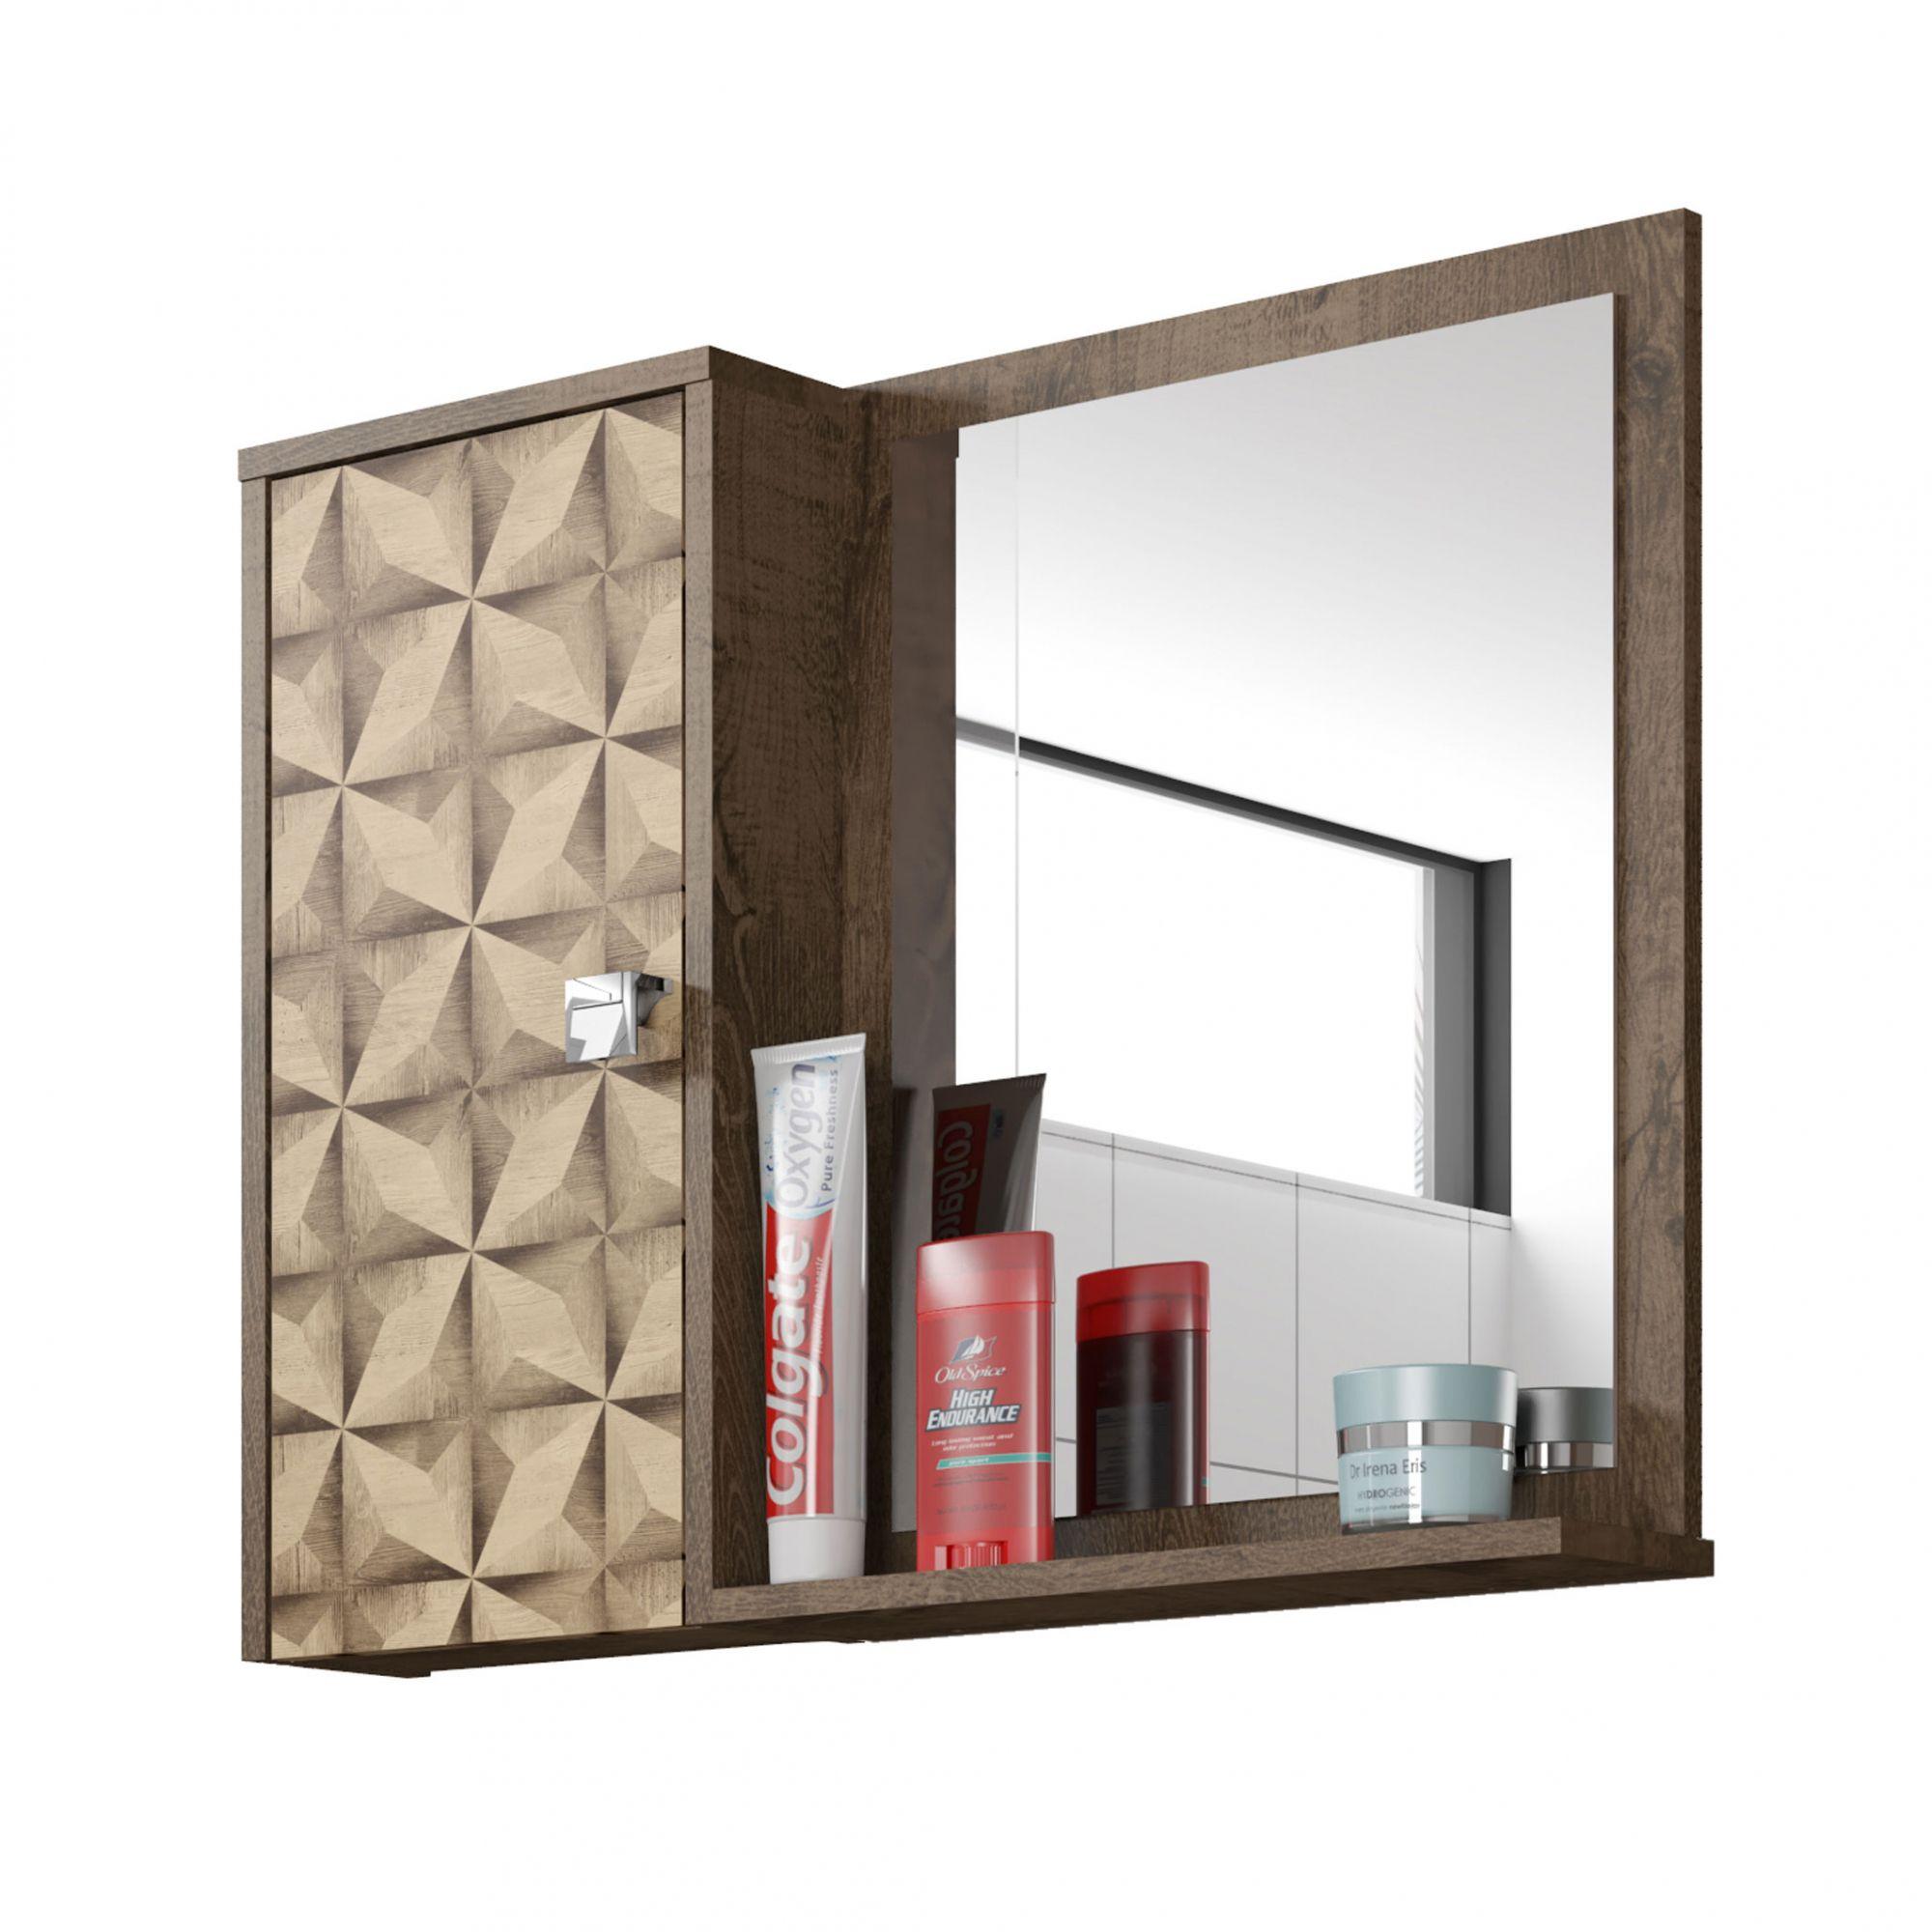 Espelheira para Banheiro Gênova Madeira Rústica / Madeira 3D - Móveis Bechara